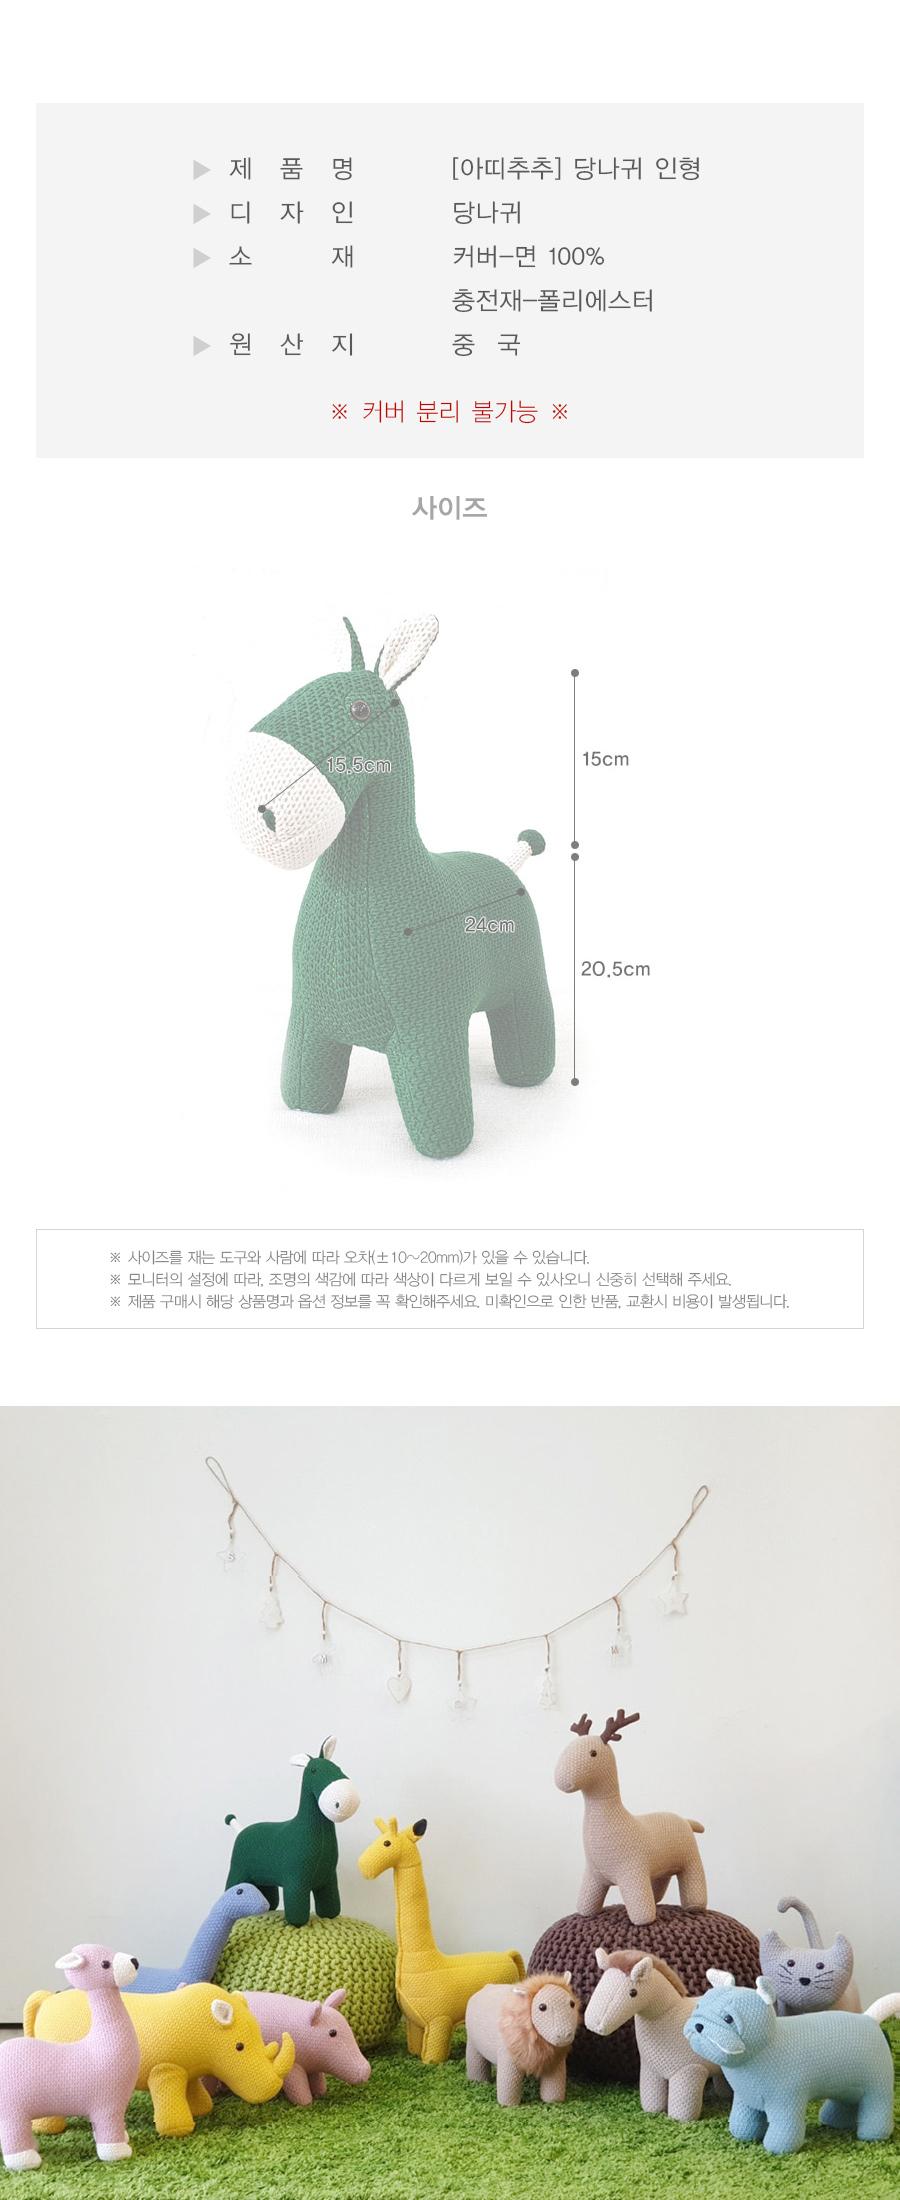 02-2_info_donkey.jpg